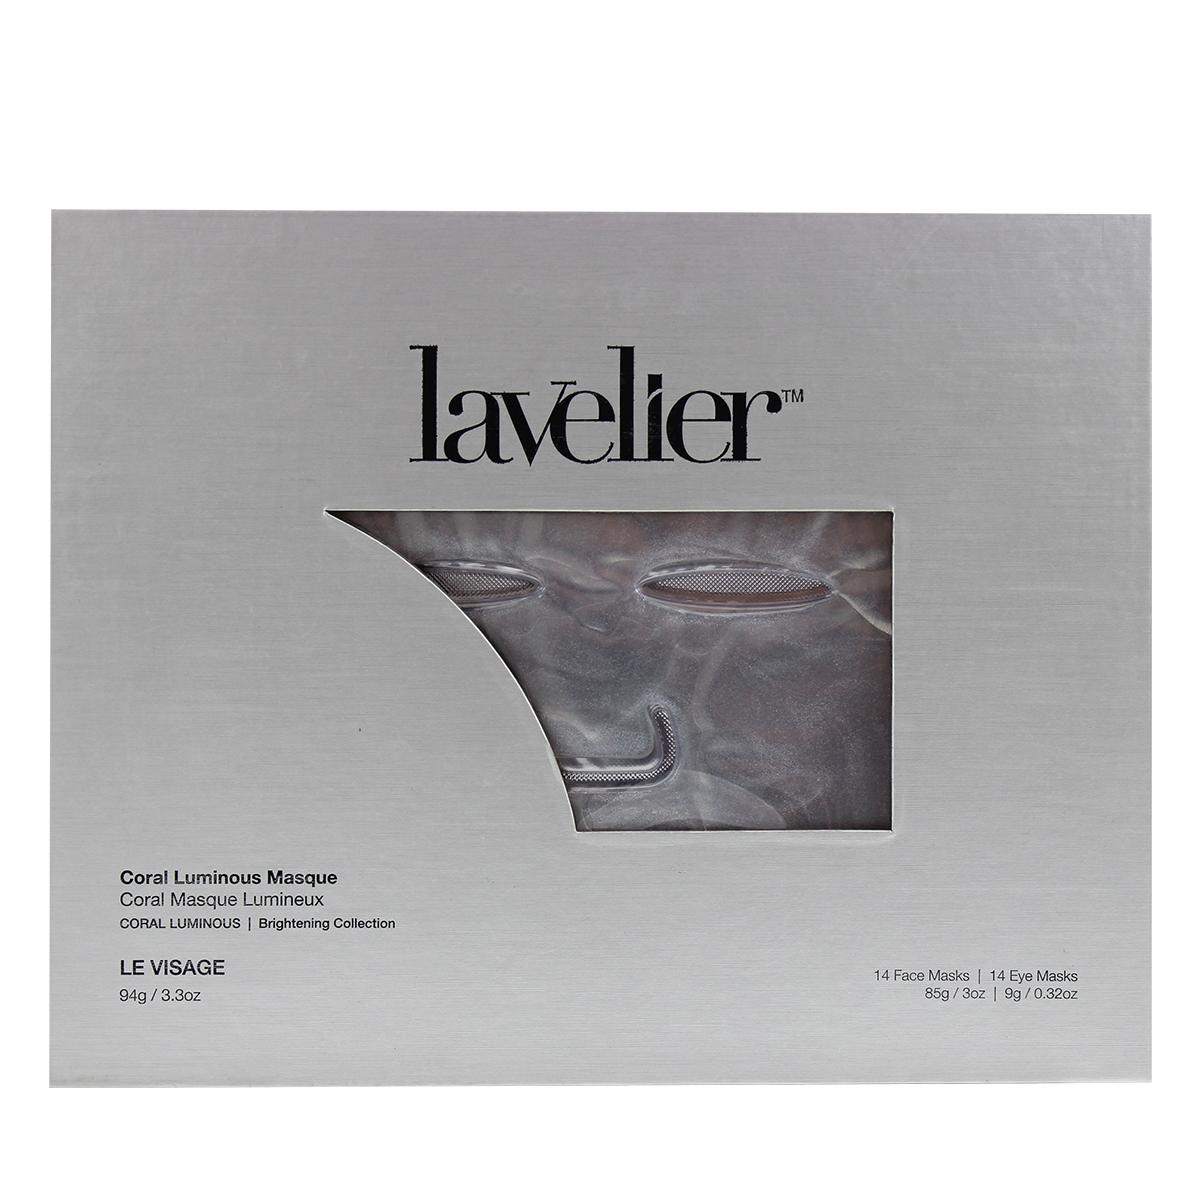 Lavelier Coral Luminous Masque Box Front